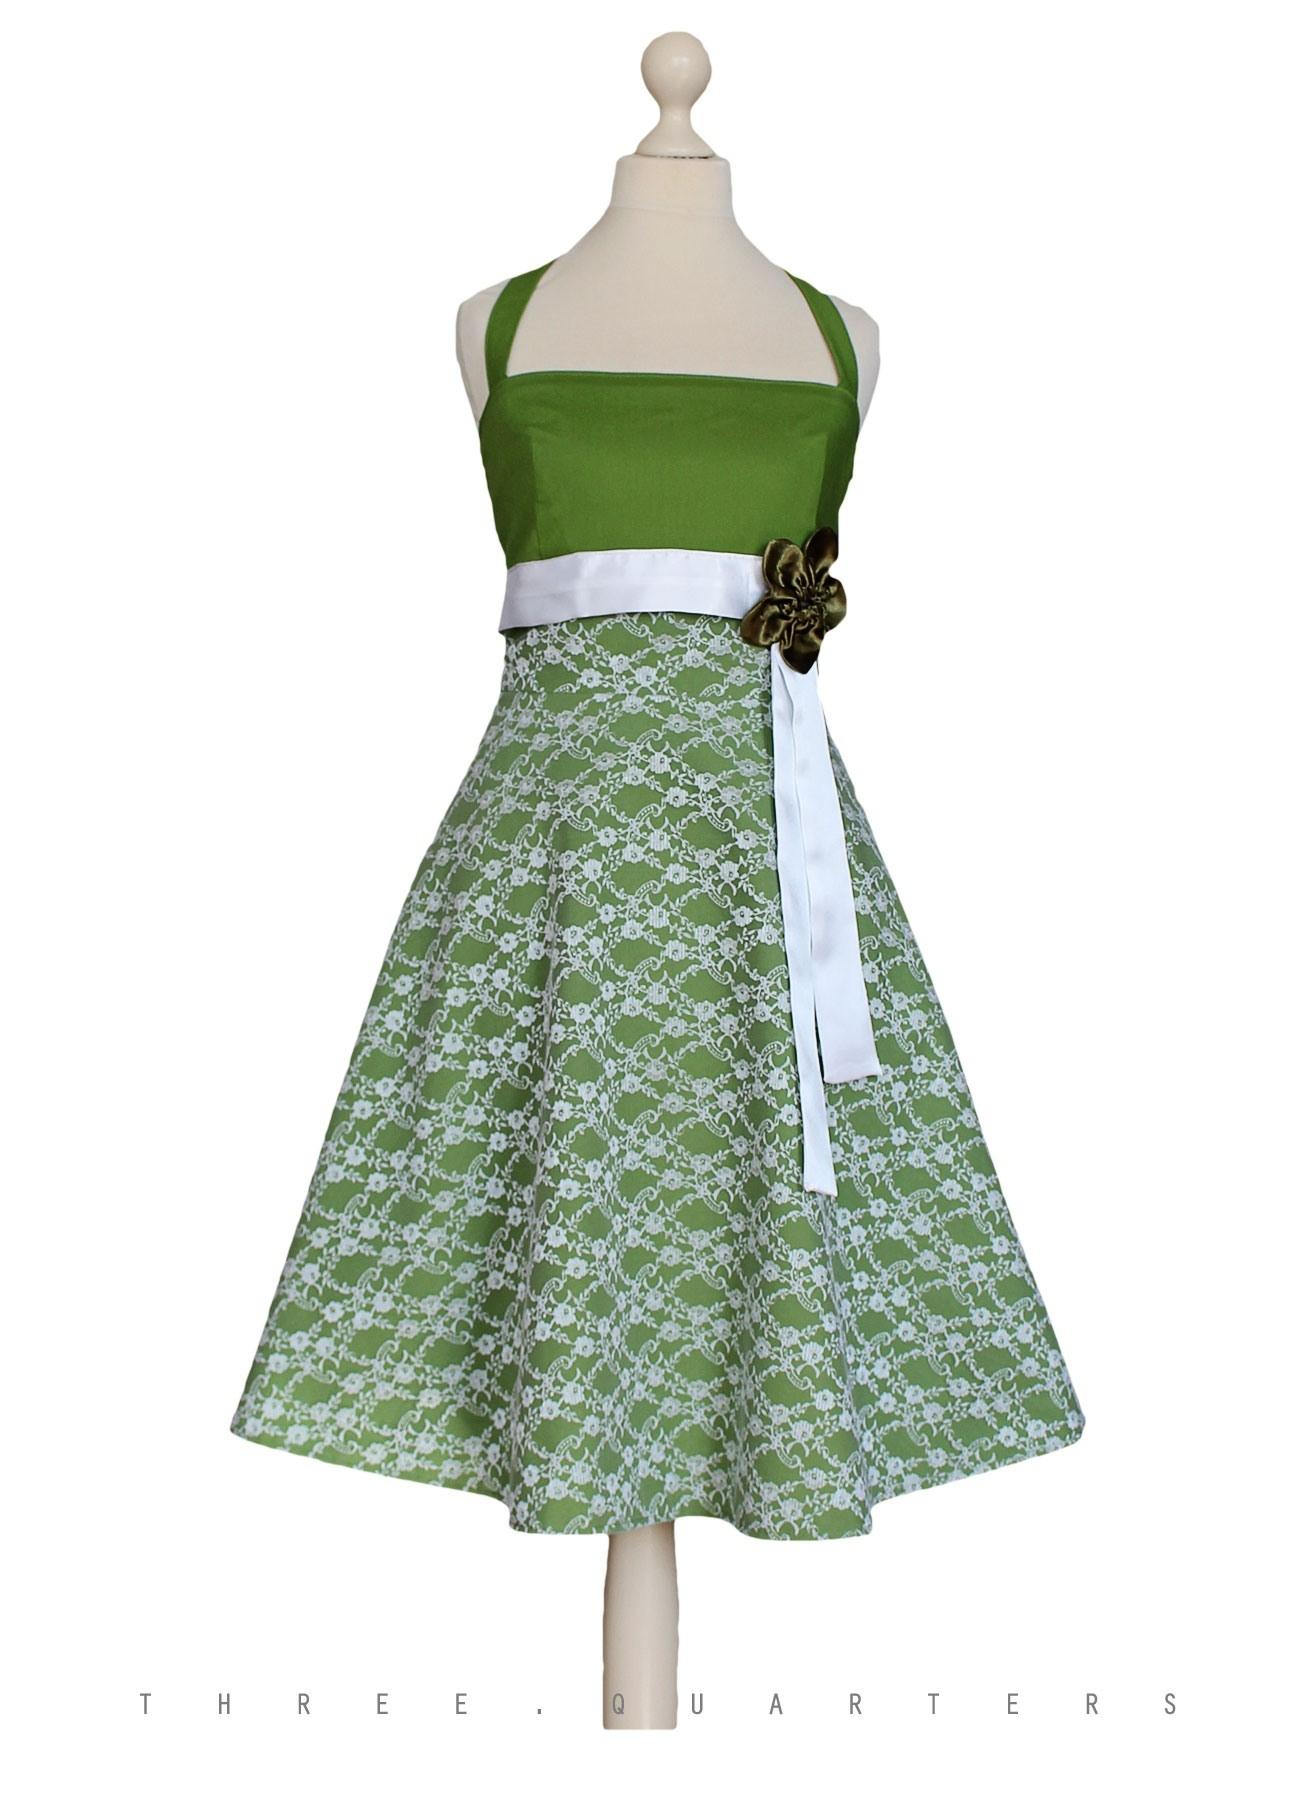 Formal Spektakulär Kleid Hochzeitsgast Grün Design Schön Kleid Hochzeitsgast Grün Bester Preis